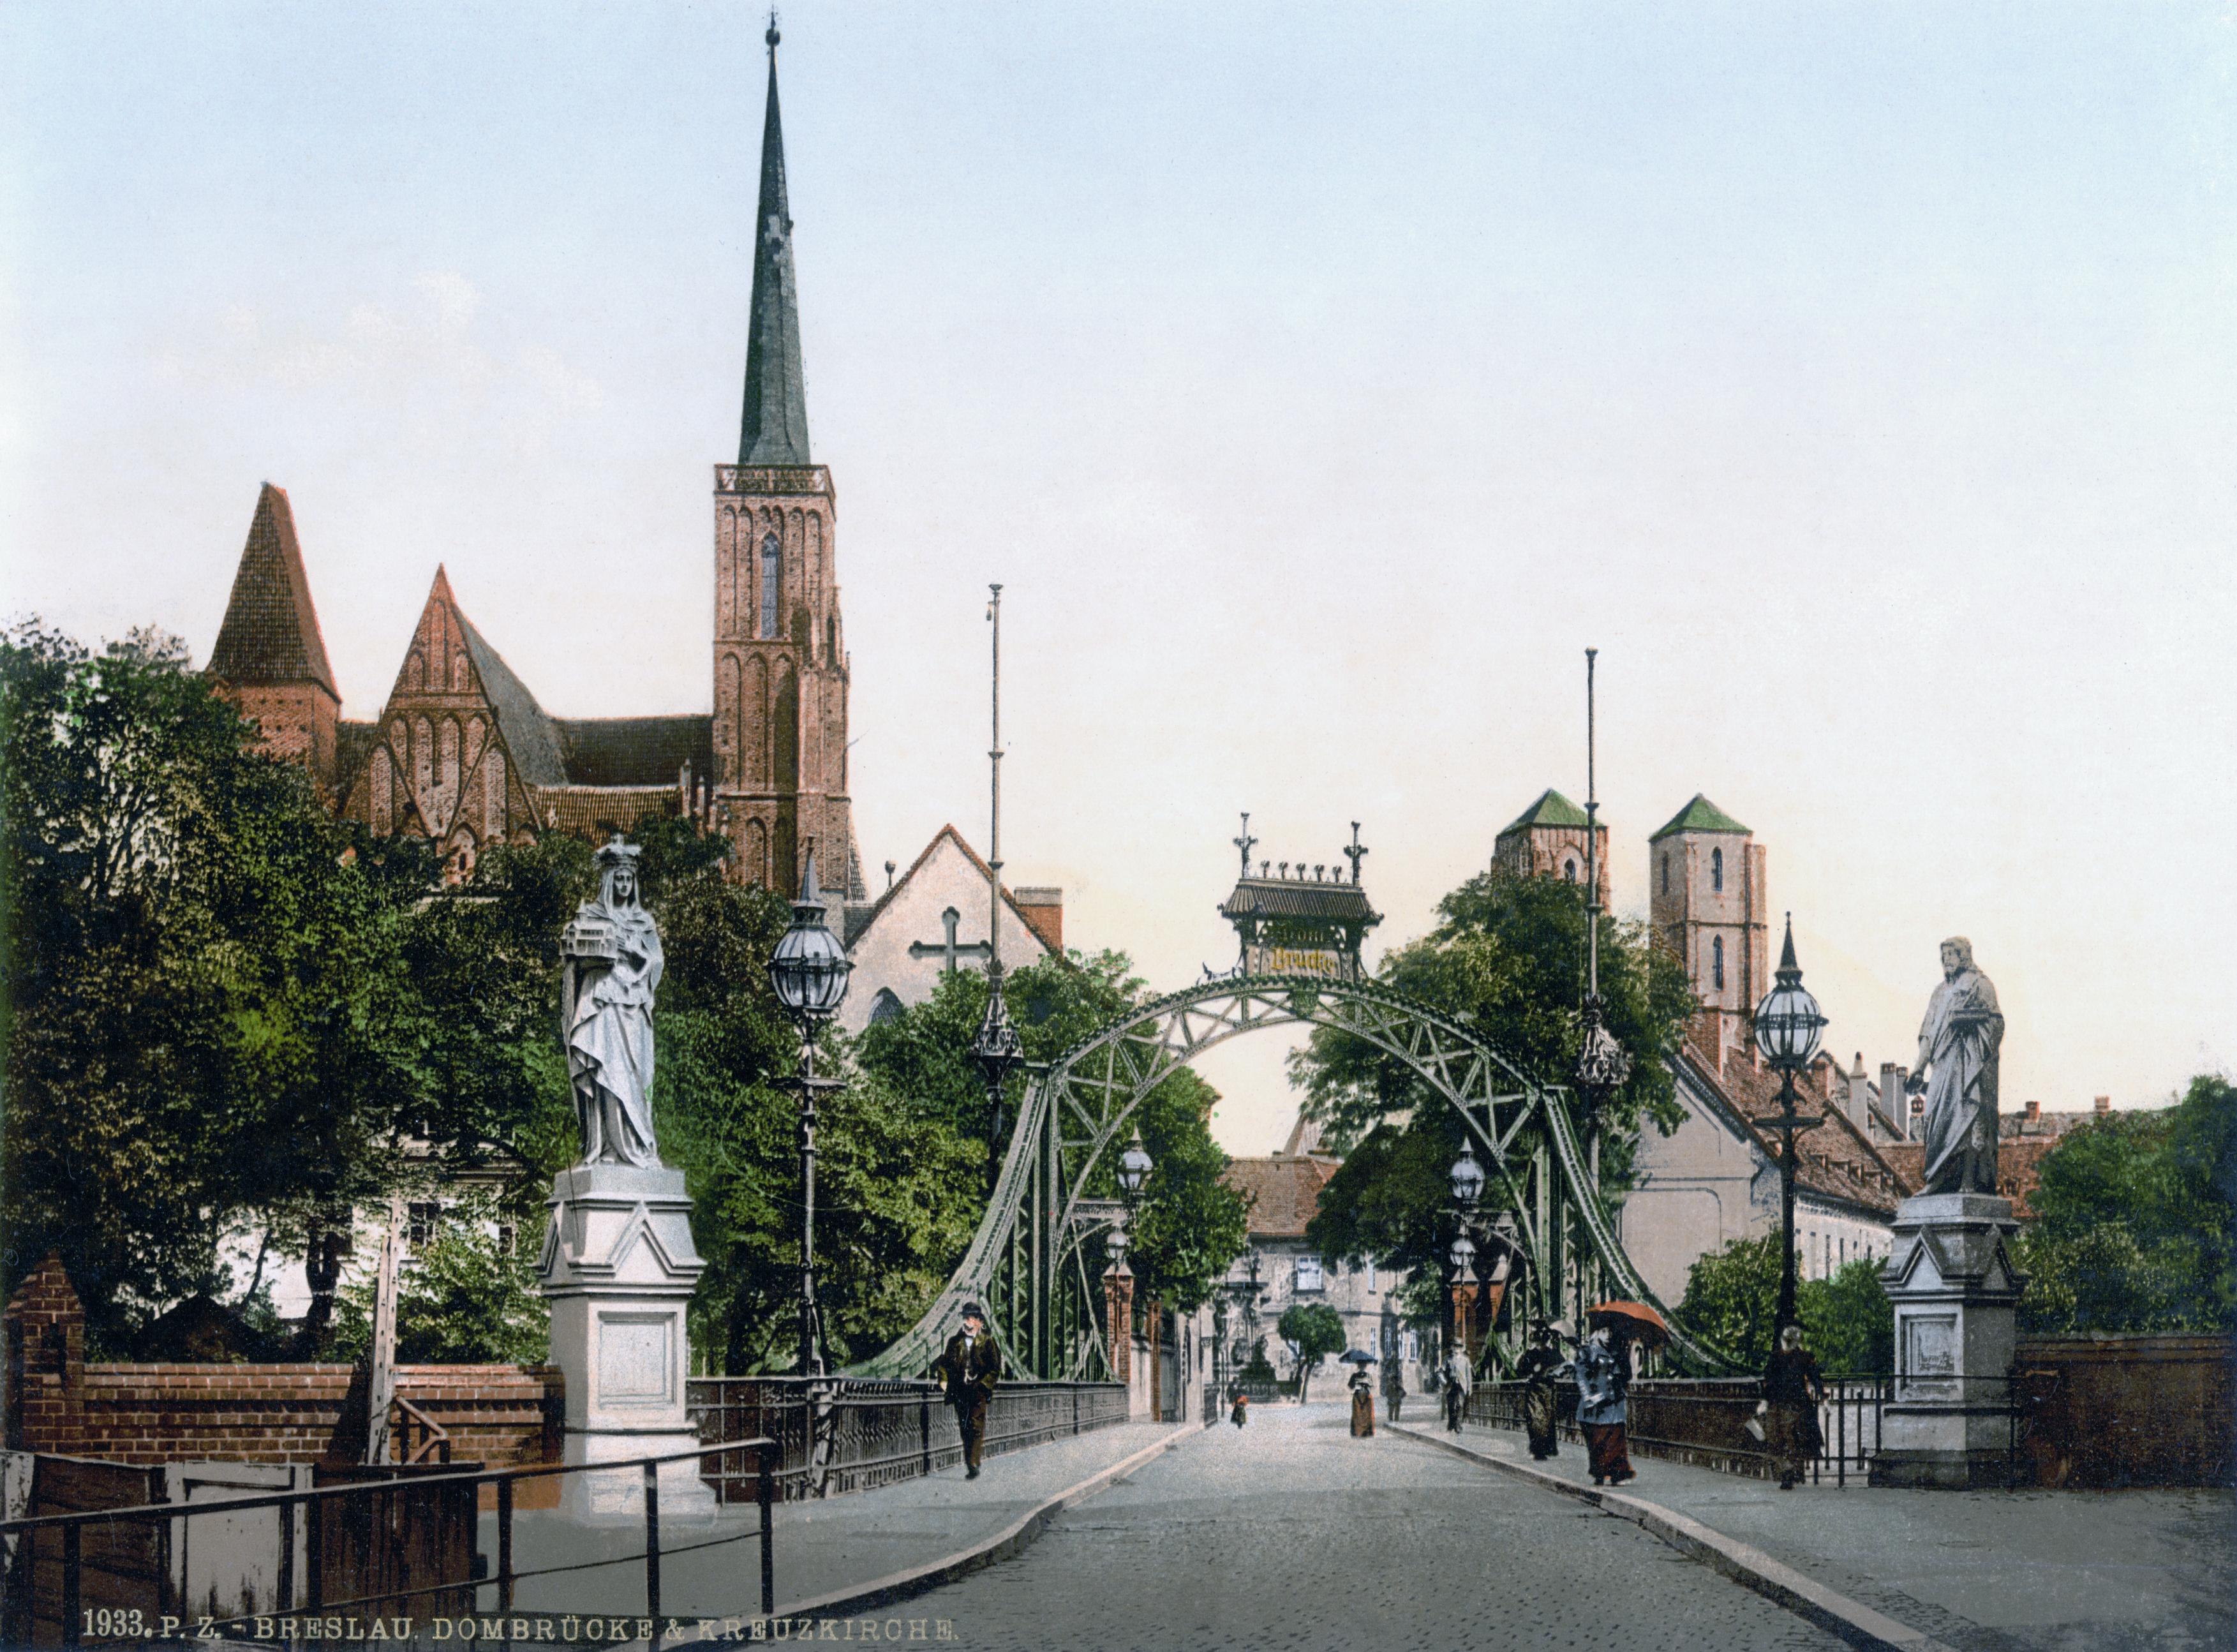 https://upload.wikimedia.org/wikipedia/commons/f/fe/Church_Bridge%2C_Breslau%2C_Silesia%2C_Germany.jpg